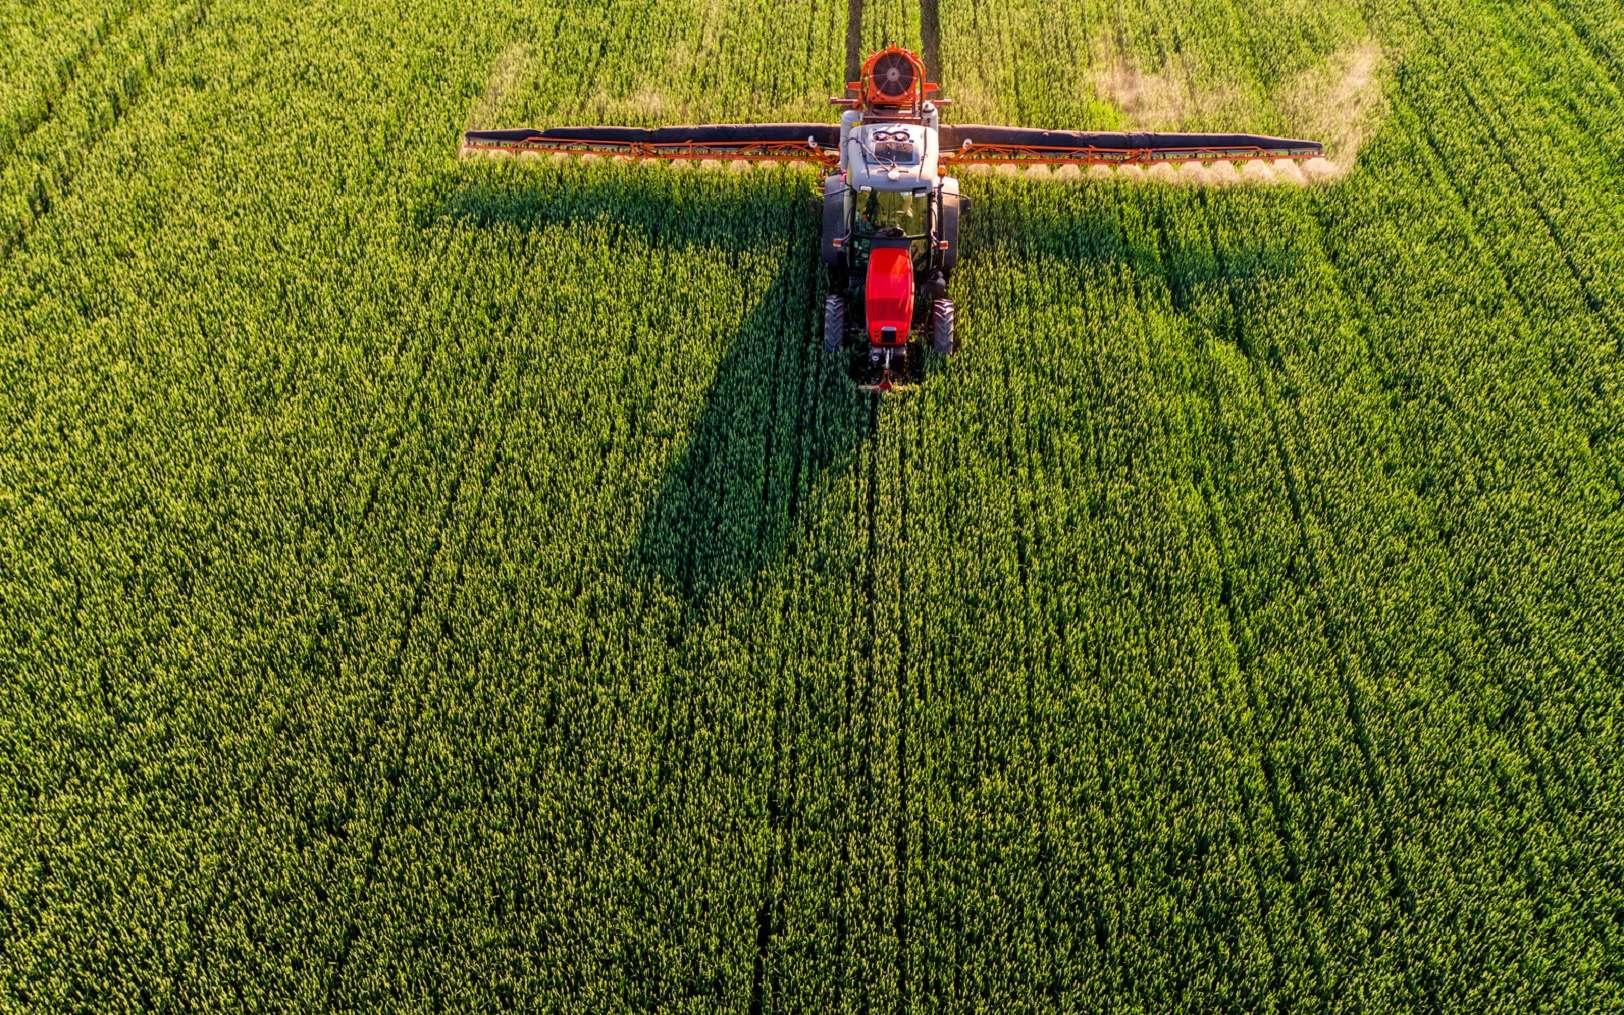 Le glyphosate est l'herbicide le plus utilisé au monde. © oticki, Fotolia